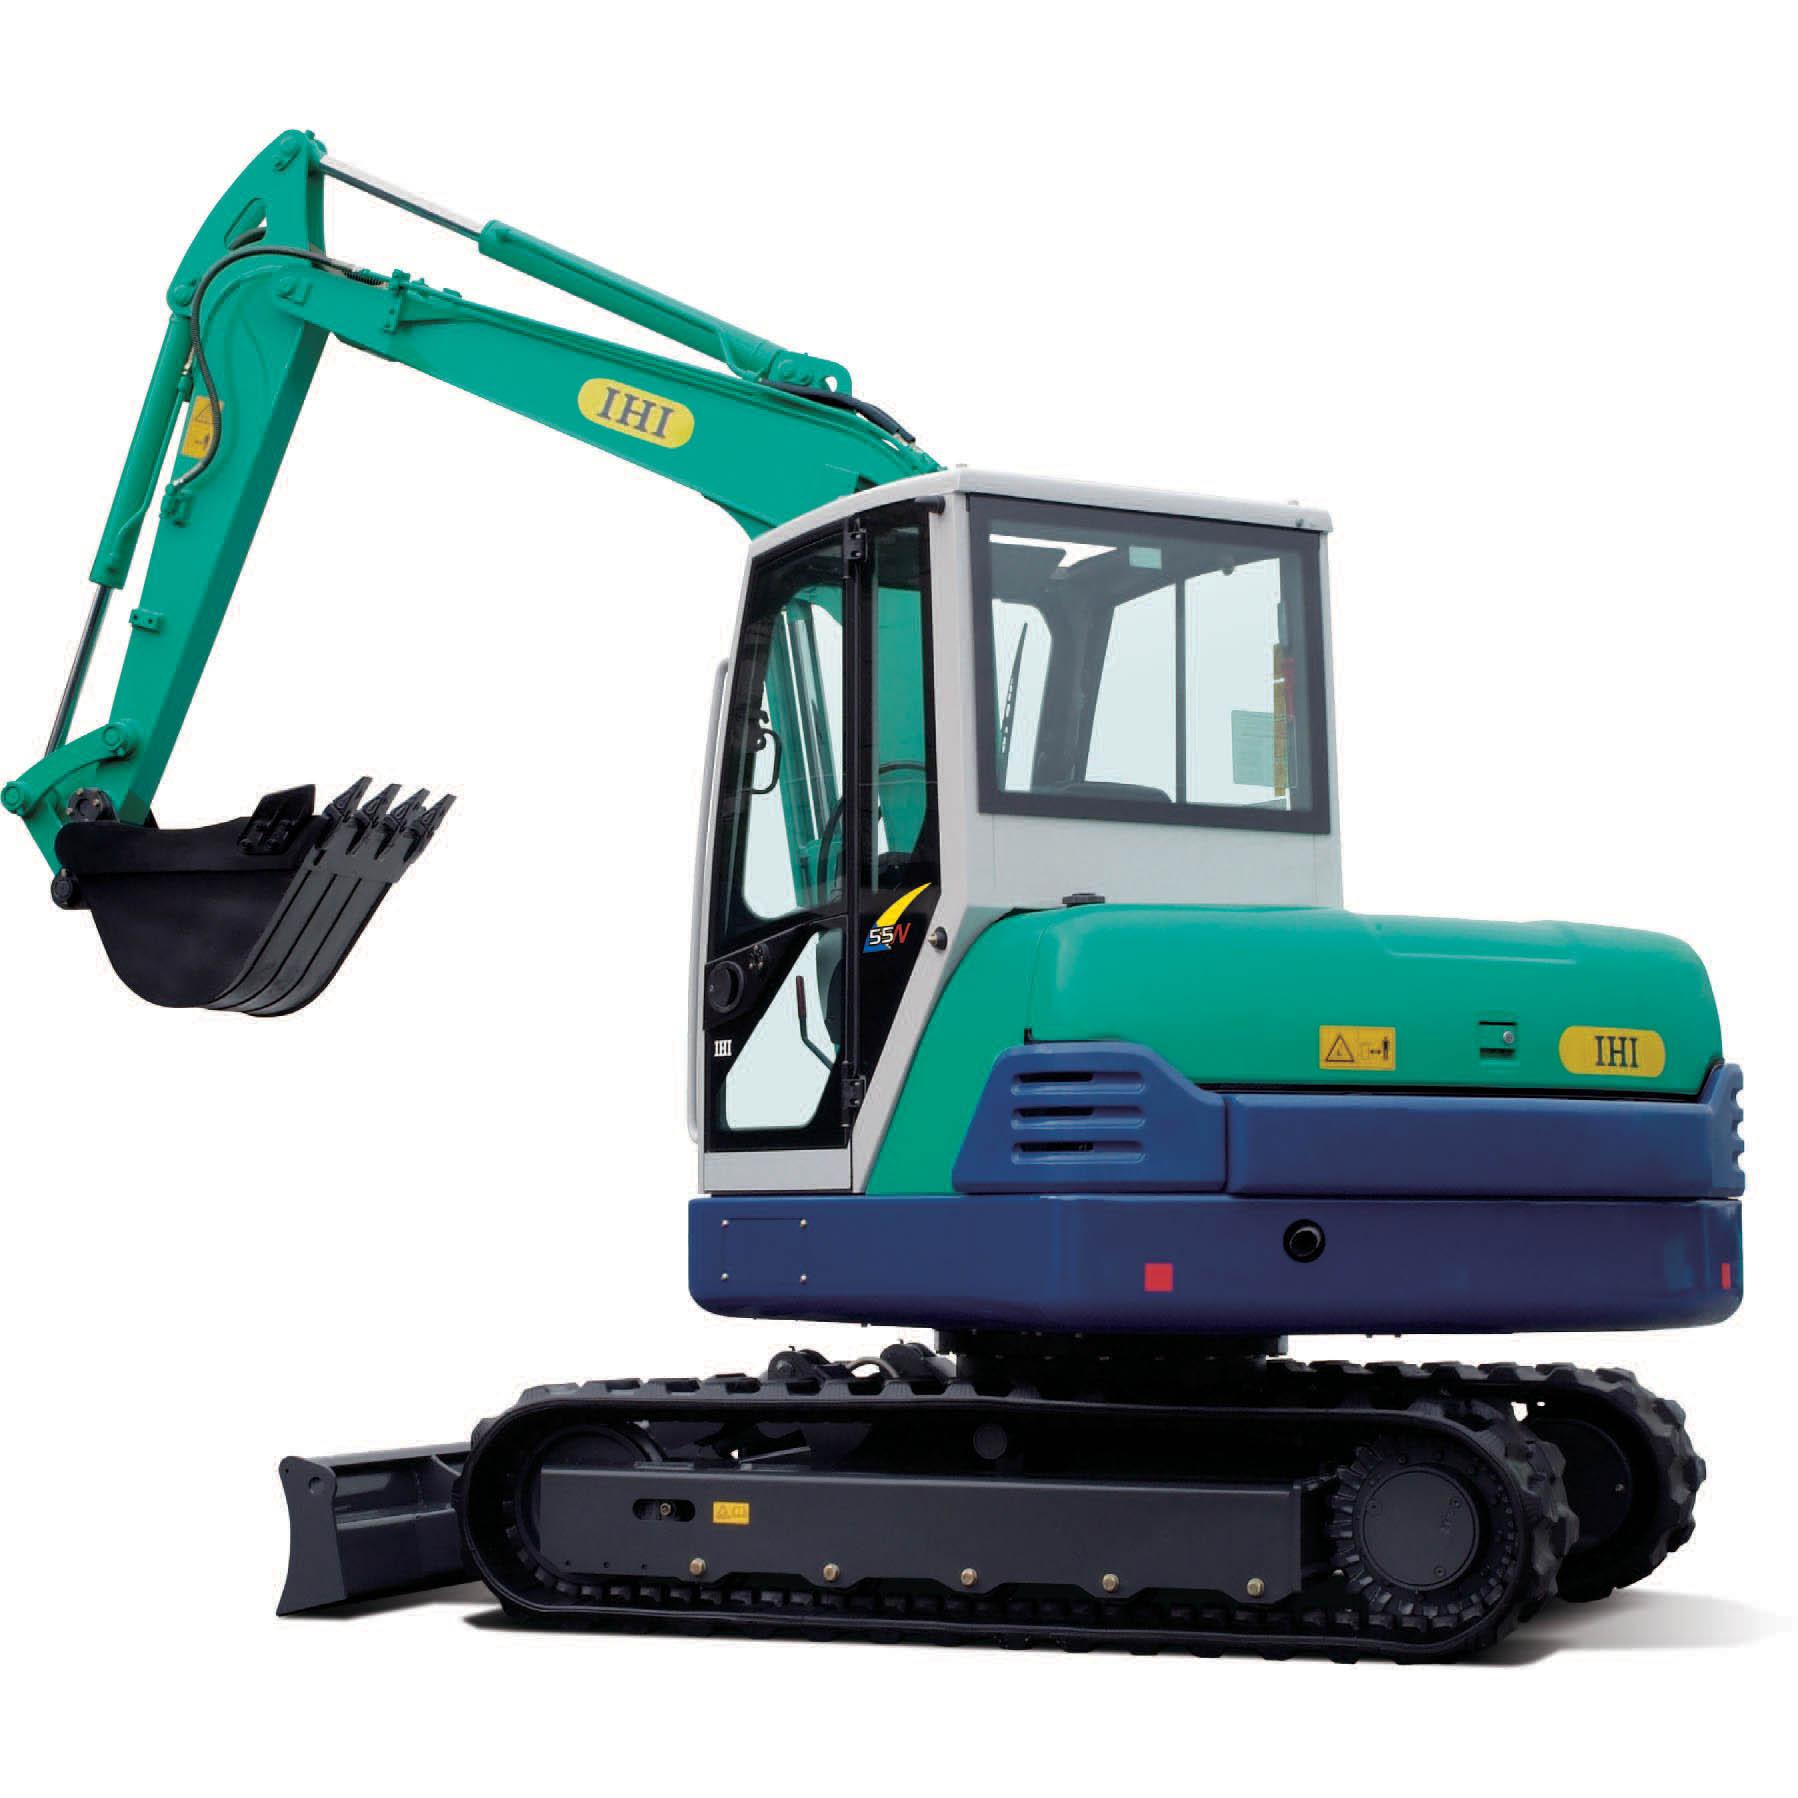 Excavator photo